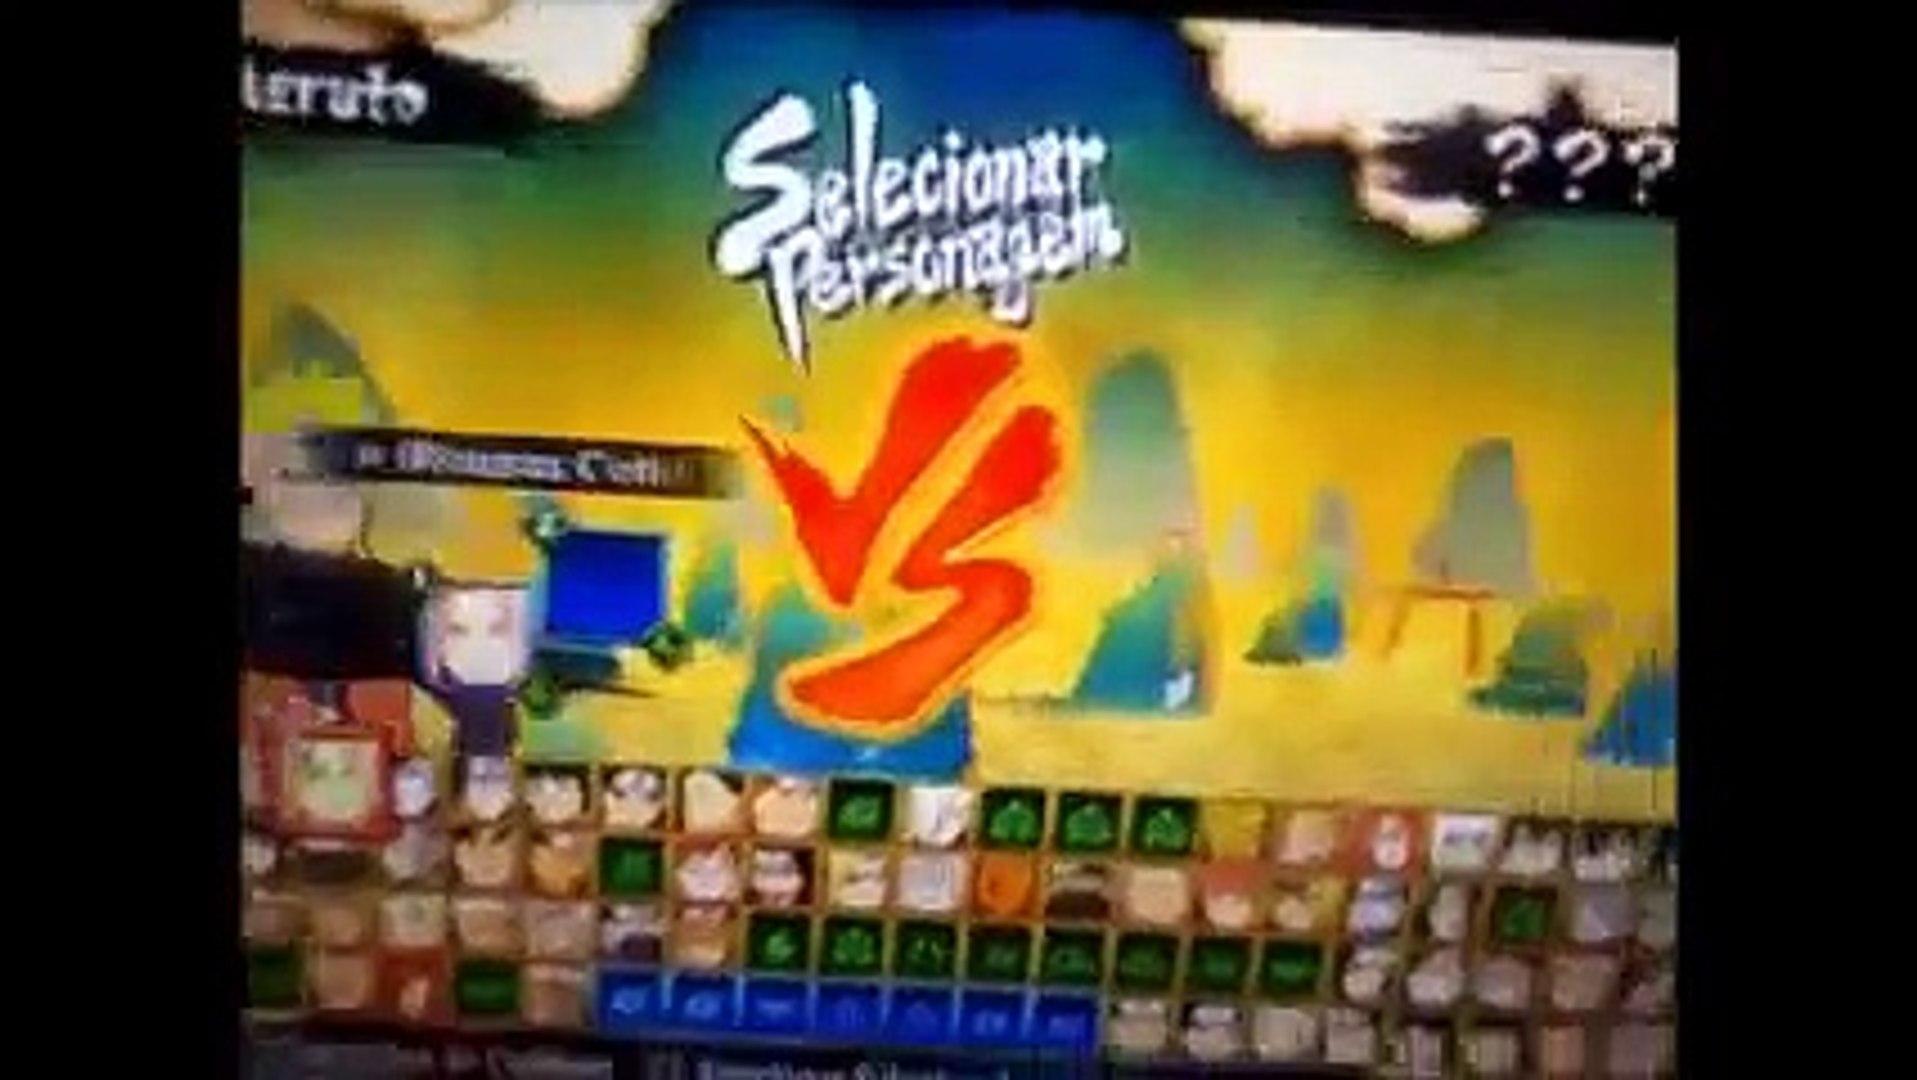 Éclater complet sur ou orage ultime comme la libération Kabuto Naruto Ninja 3 La PS3, Xbox, PC